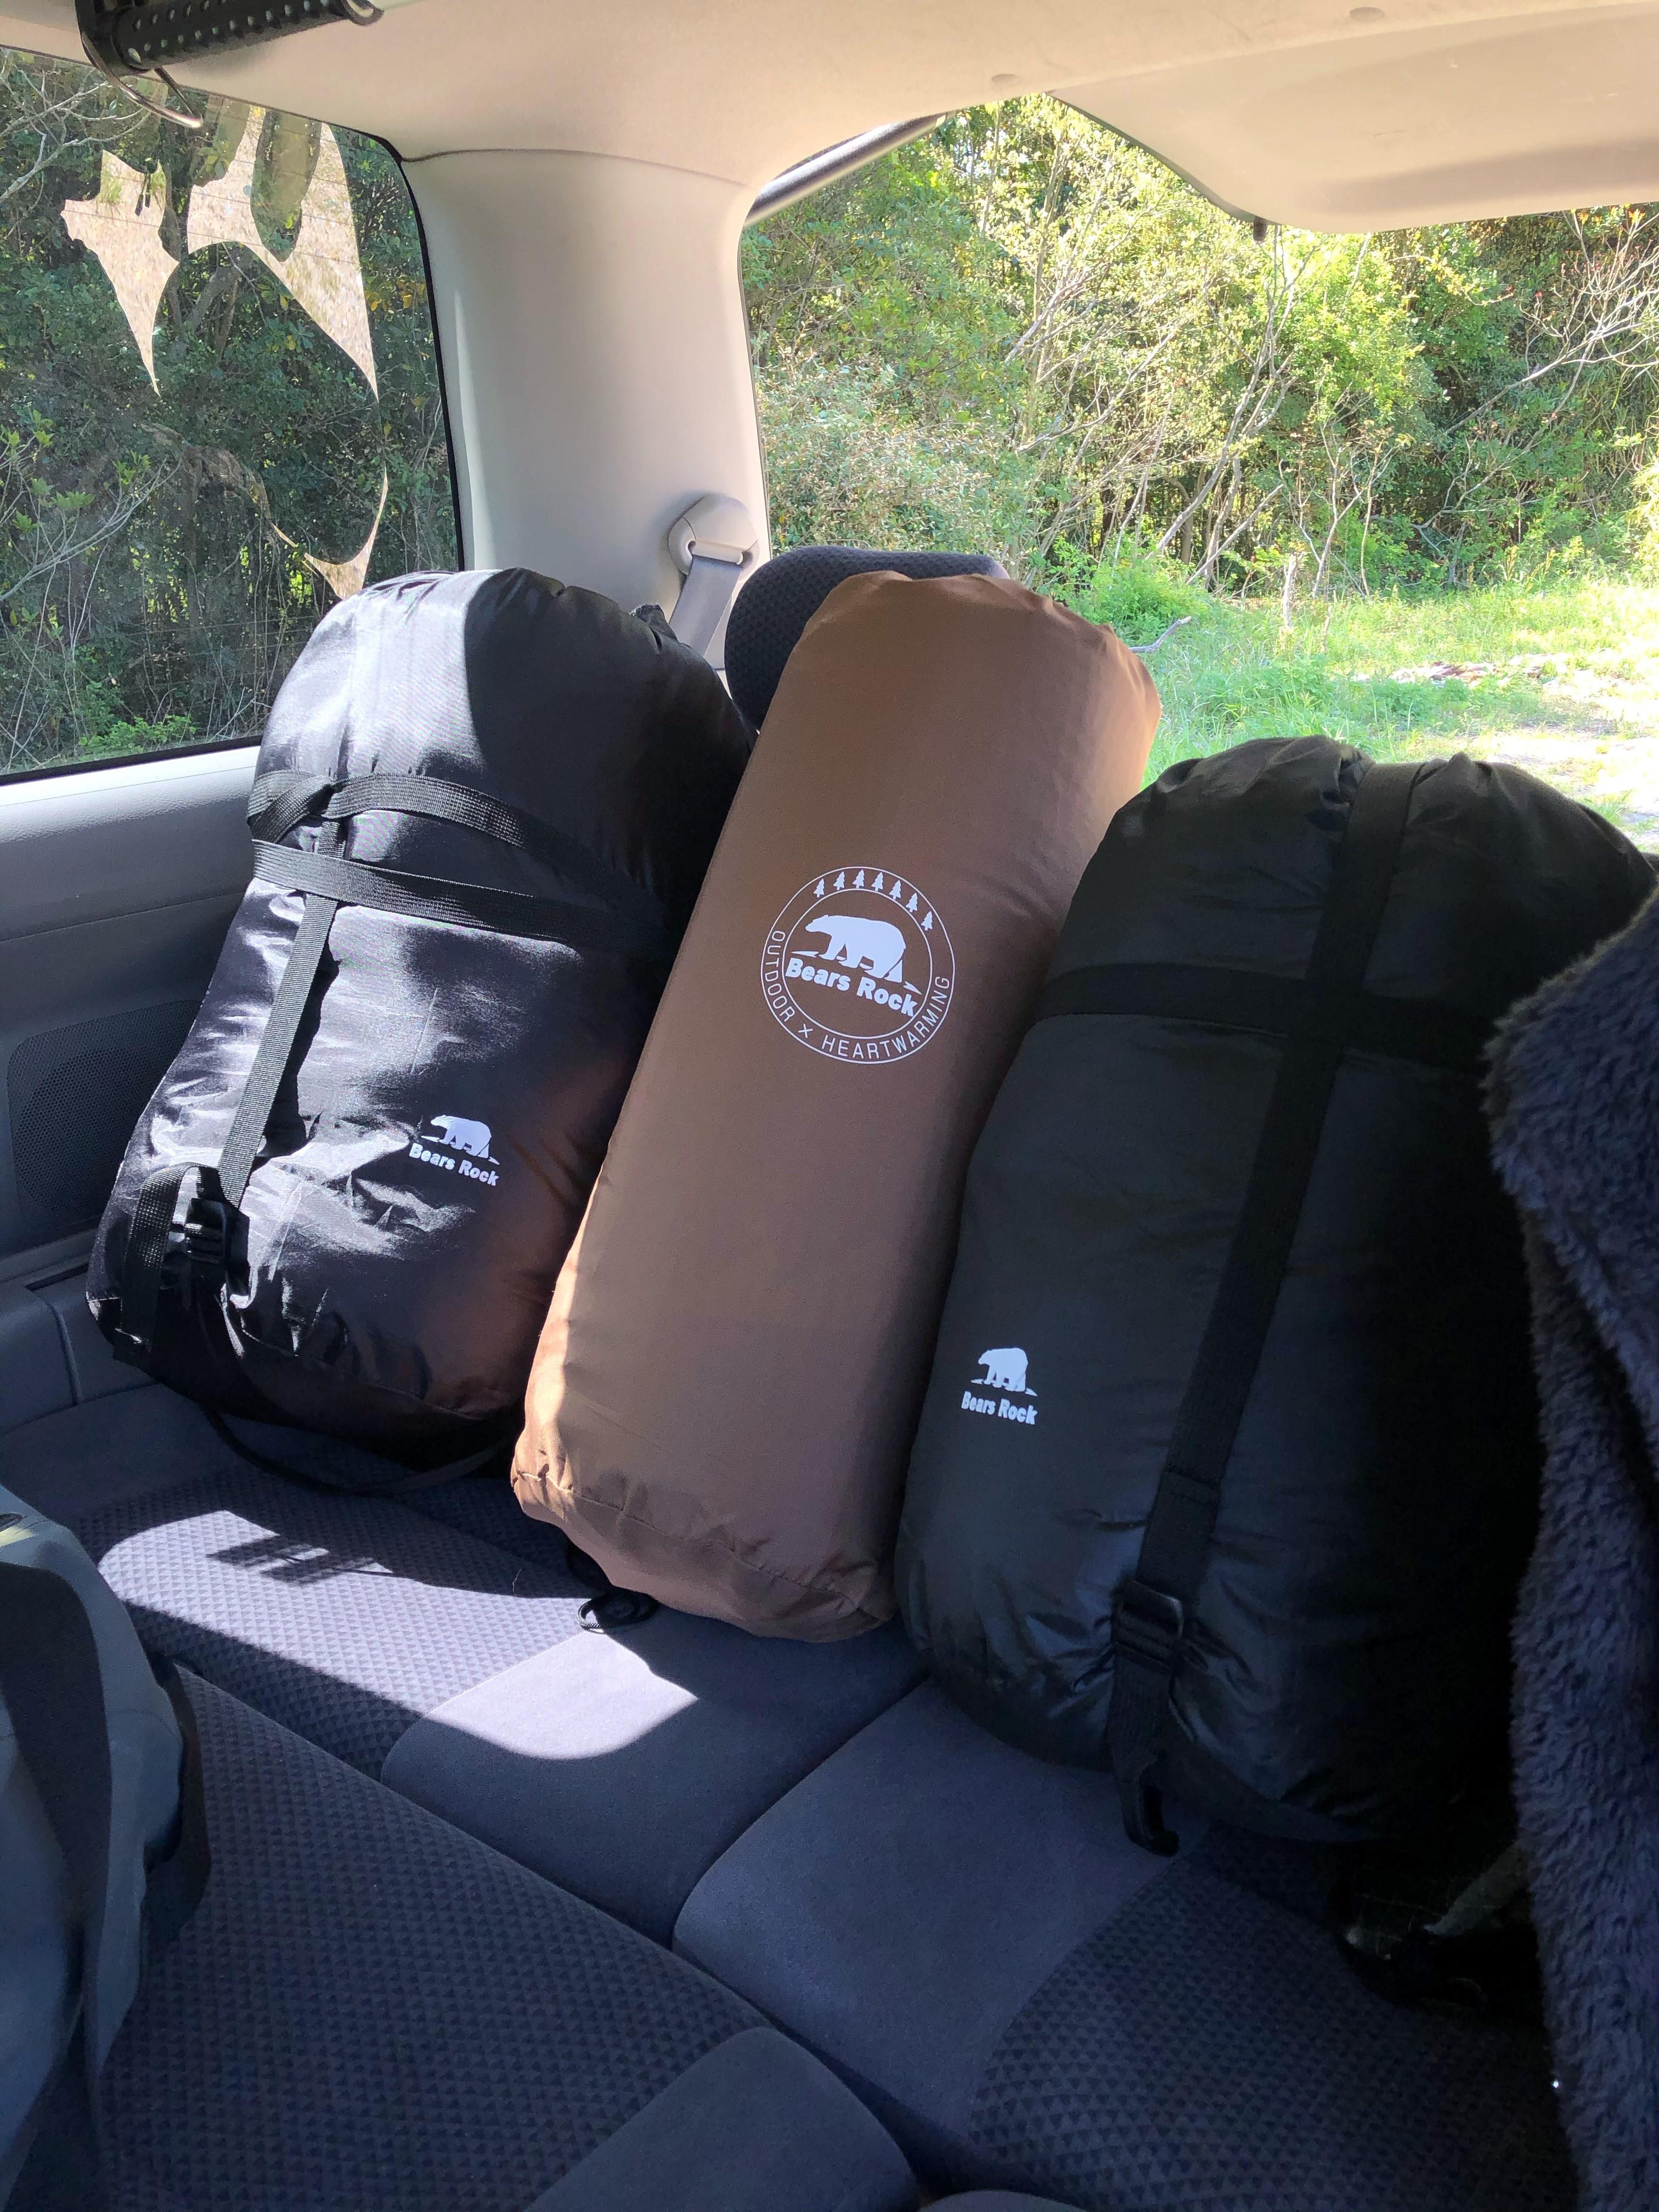 車内に収納したマットと寝袋を並べて置いている写真